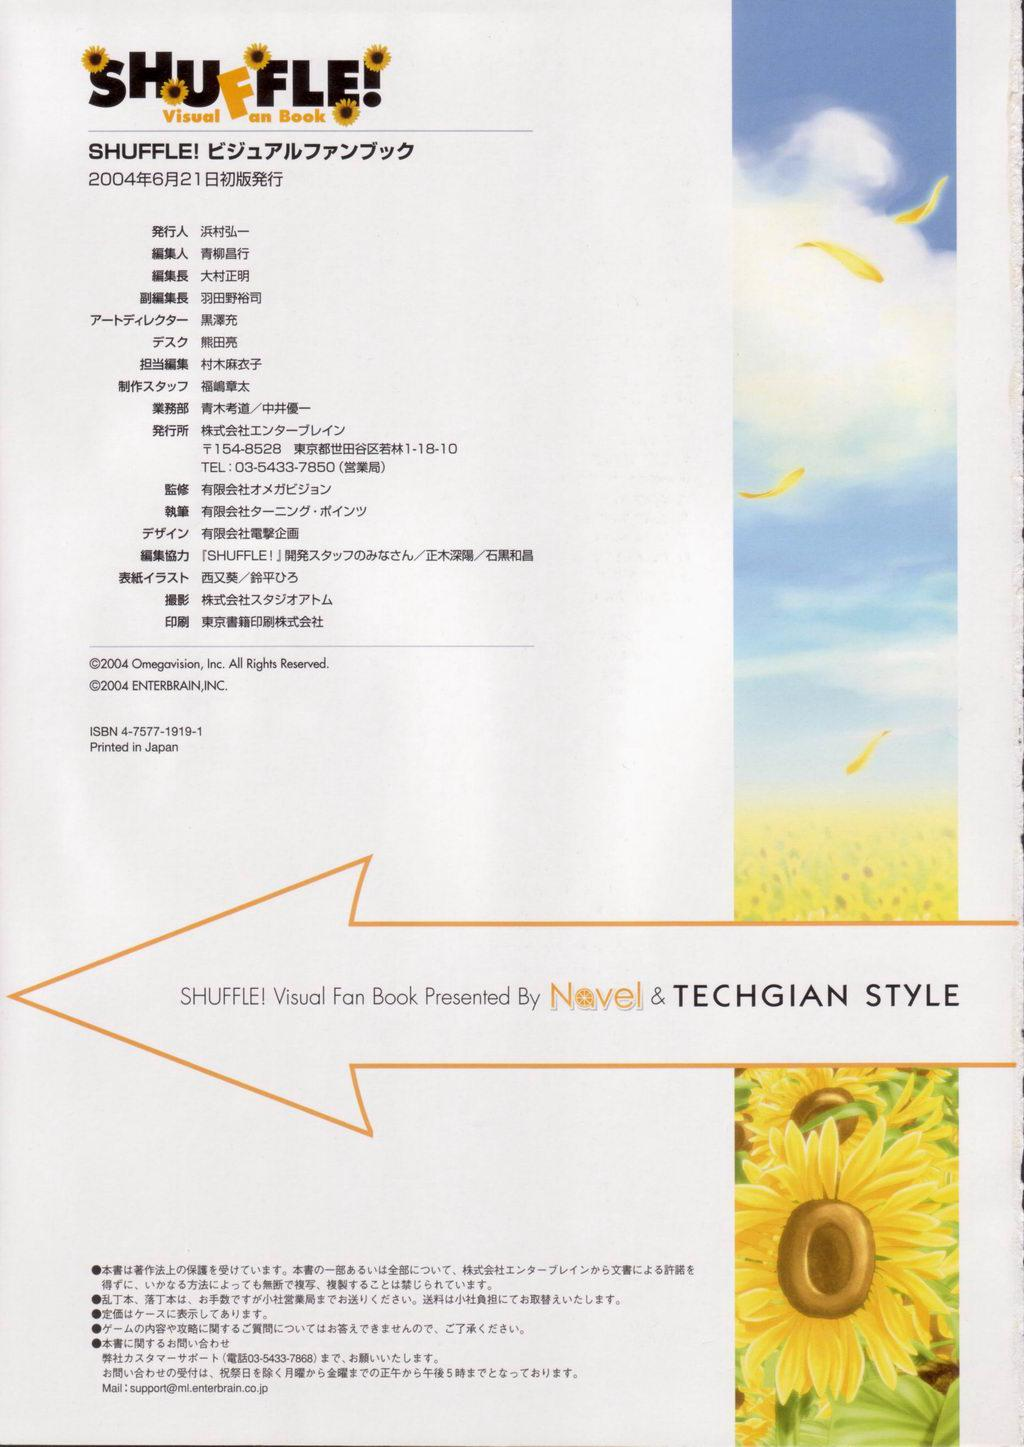 SHUFFLE! Visual Fan Book 176